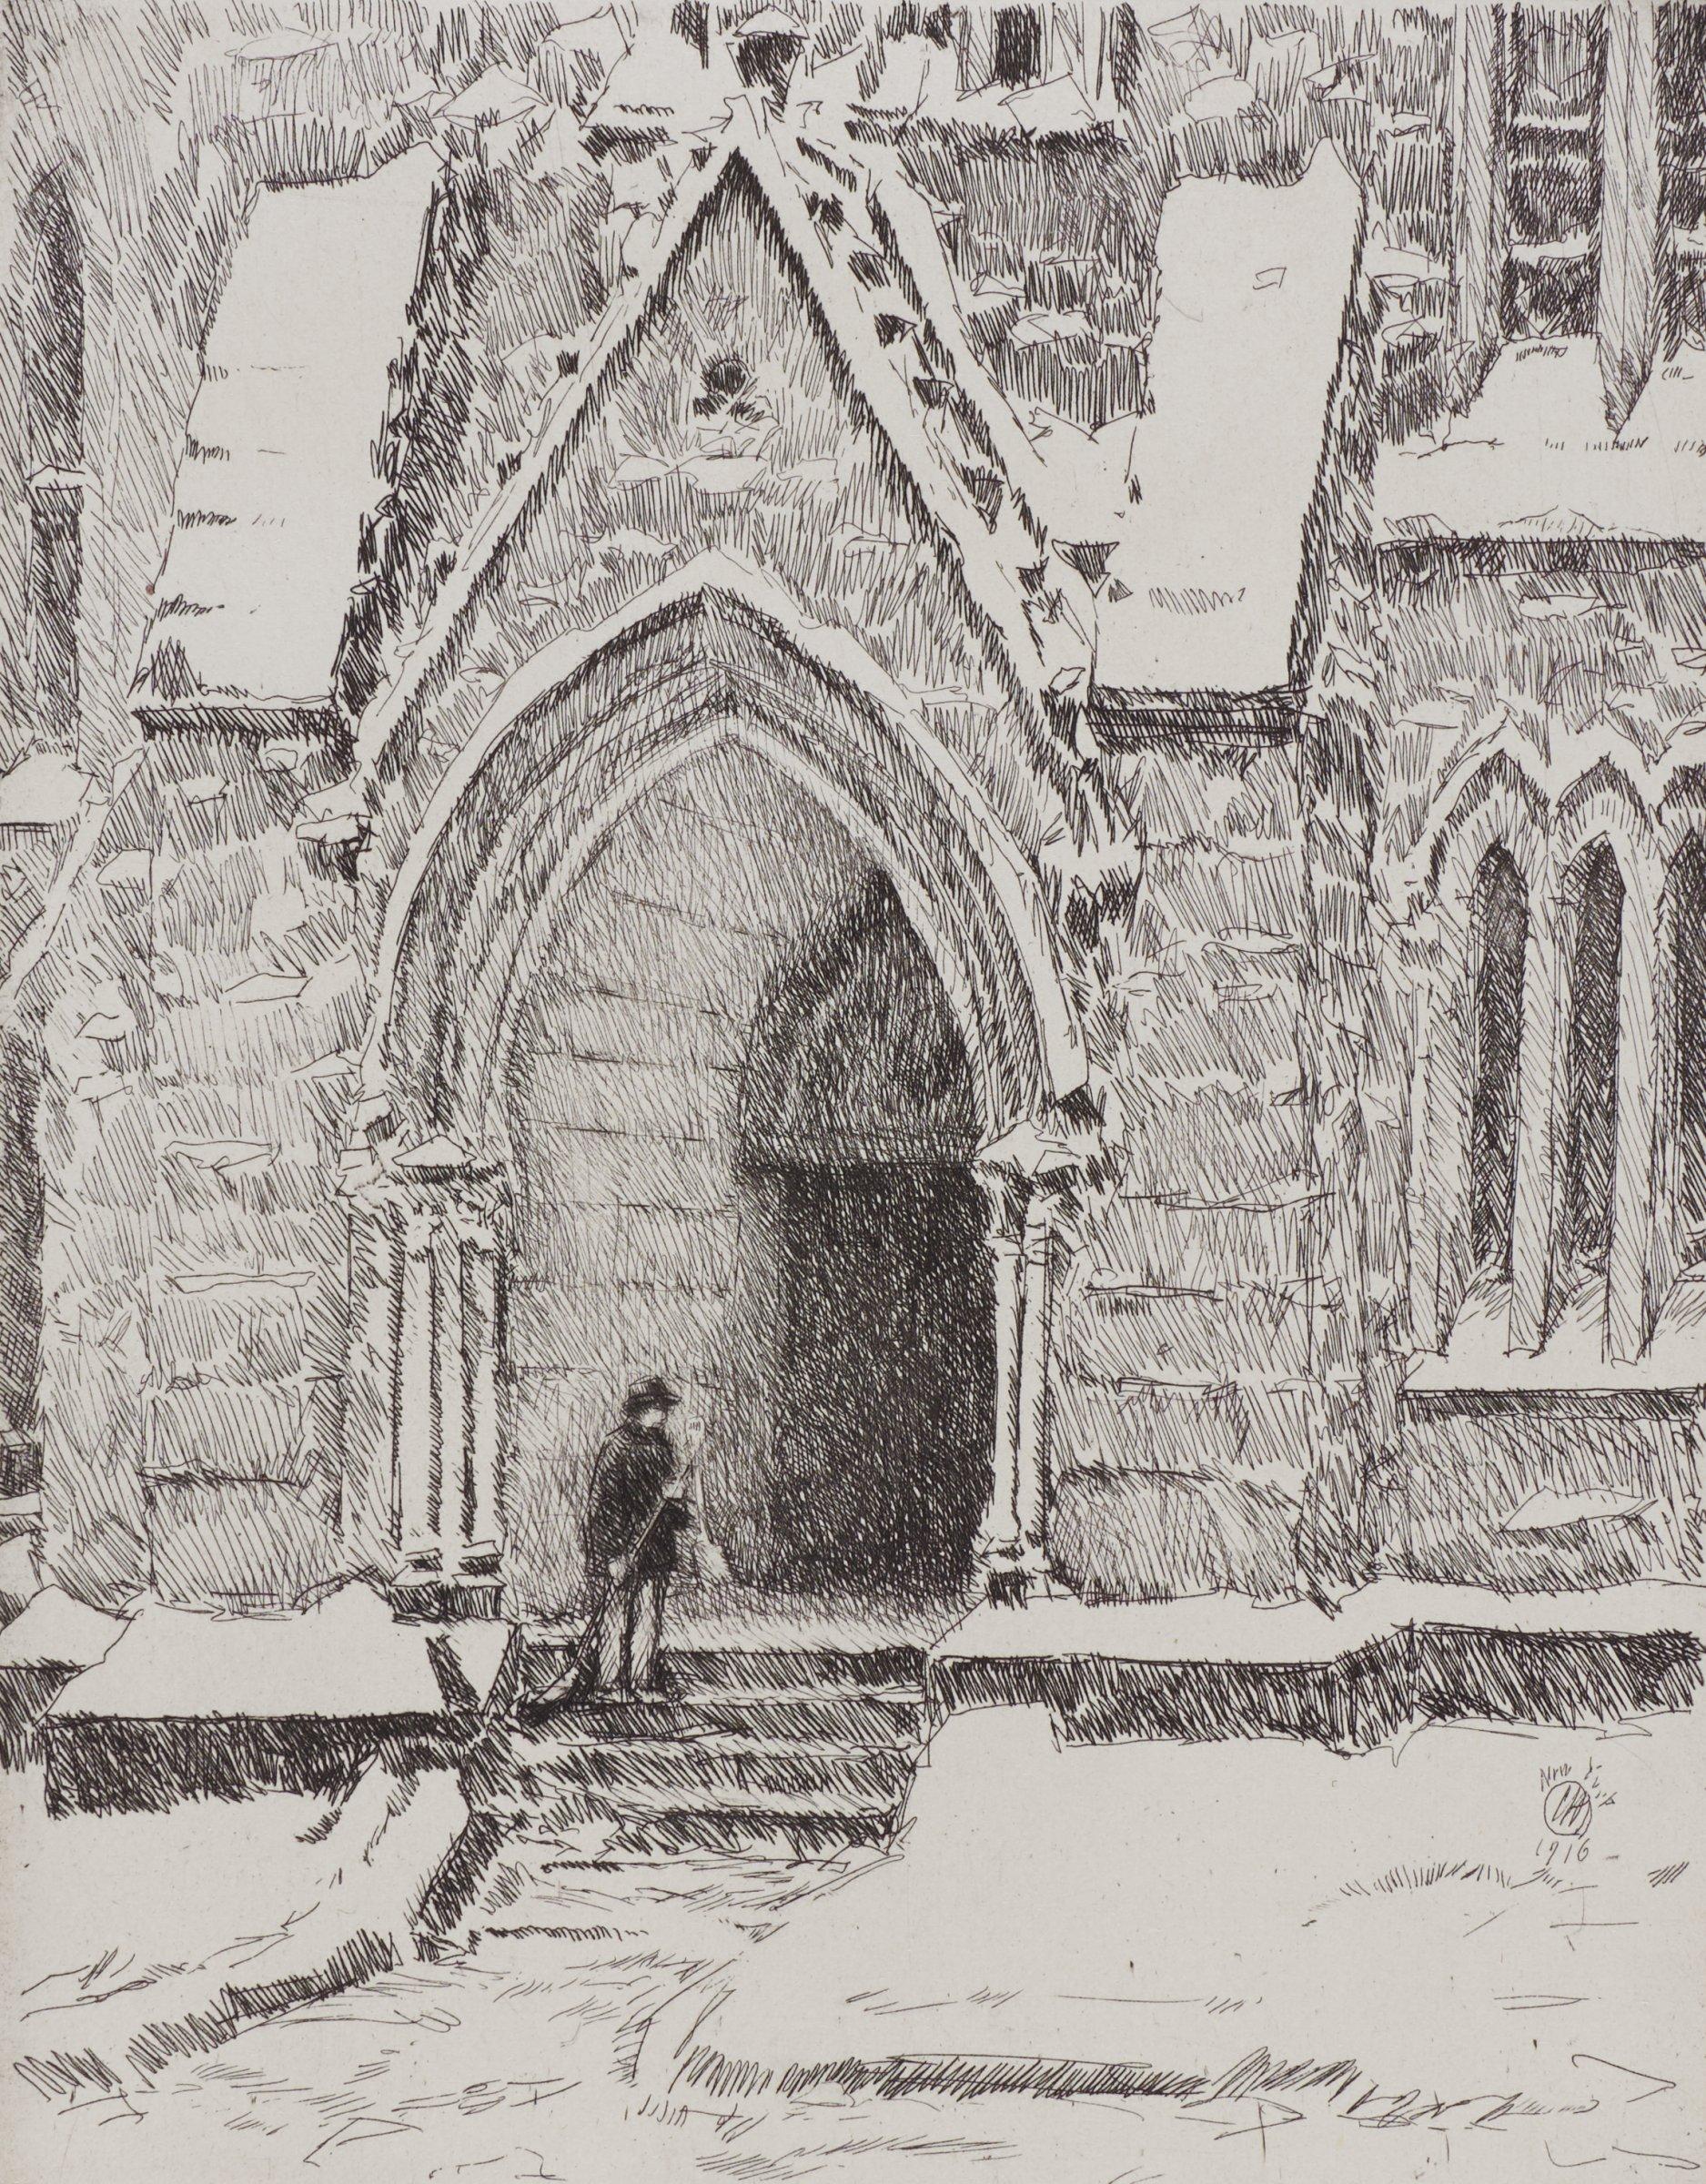 Church Doorway, Snow, Childe Hassam, etching